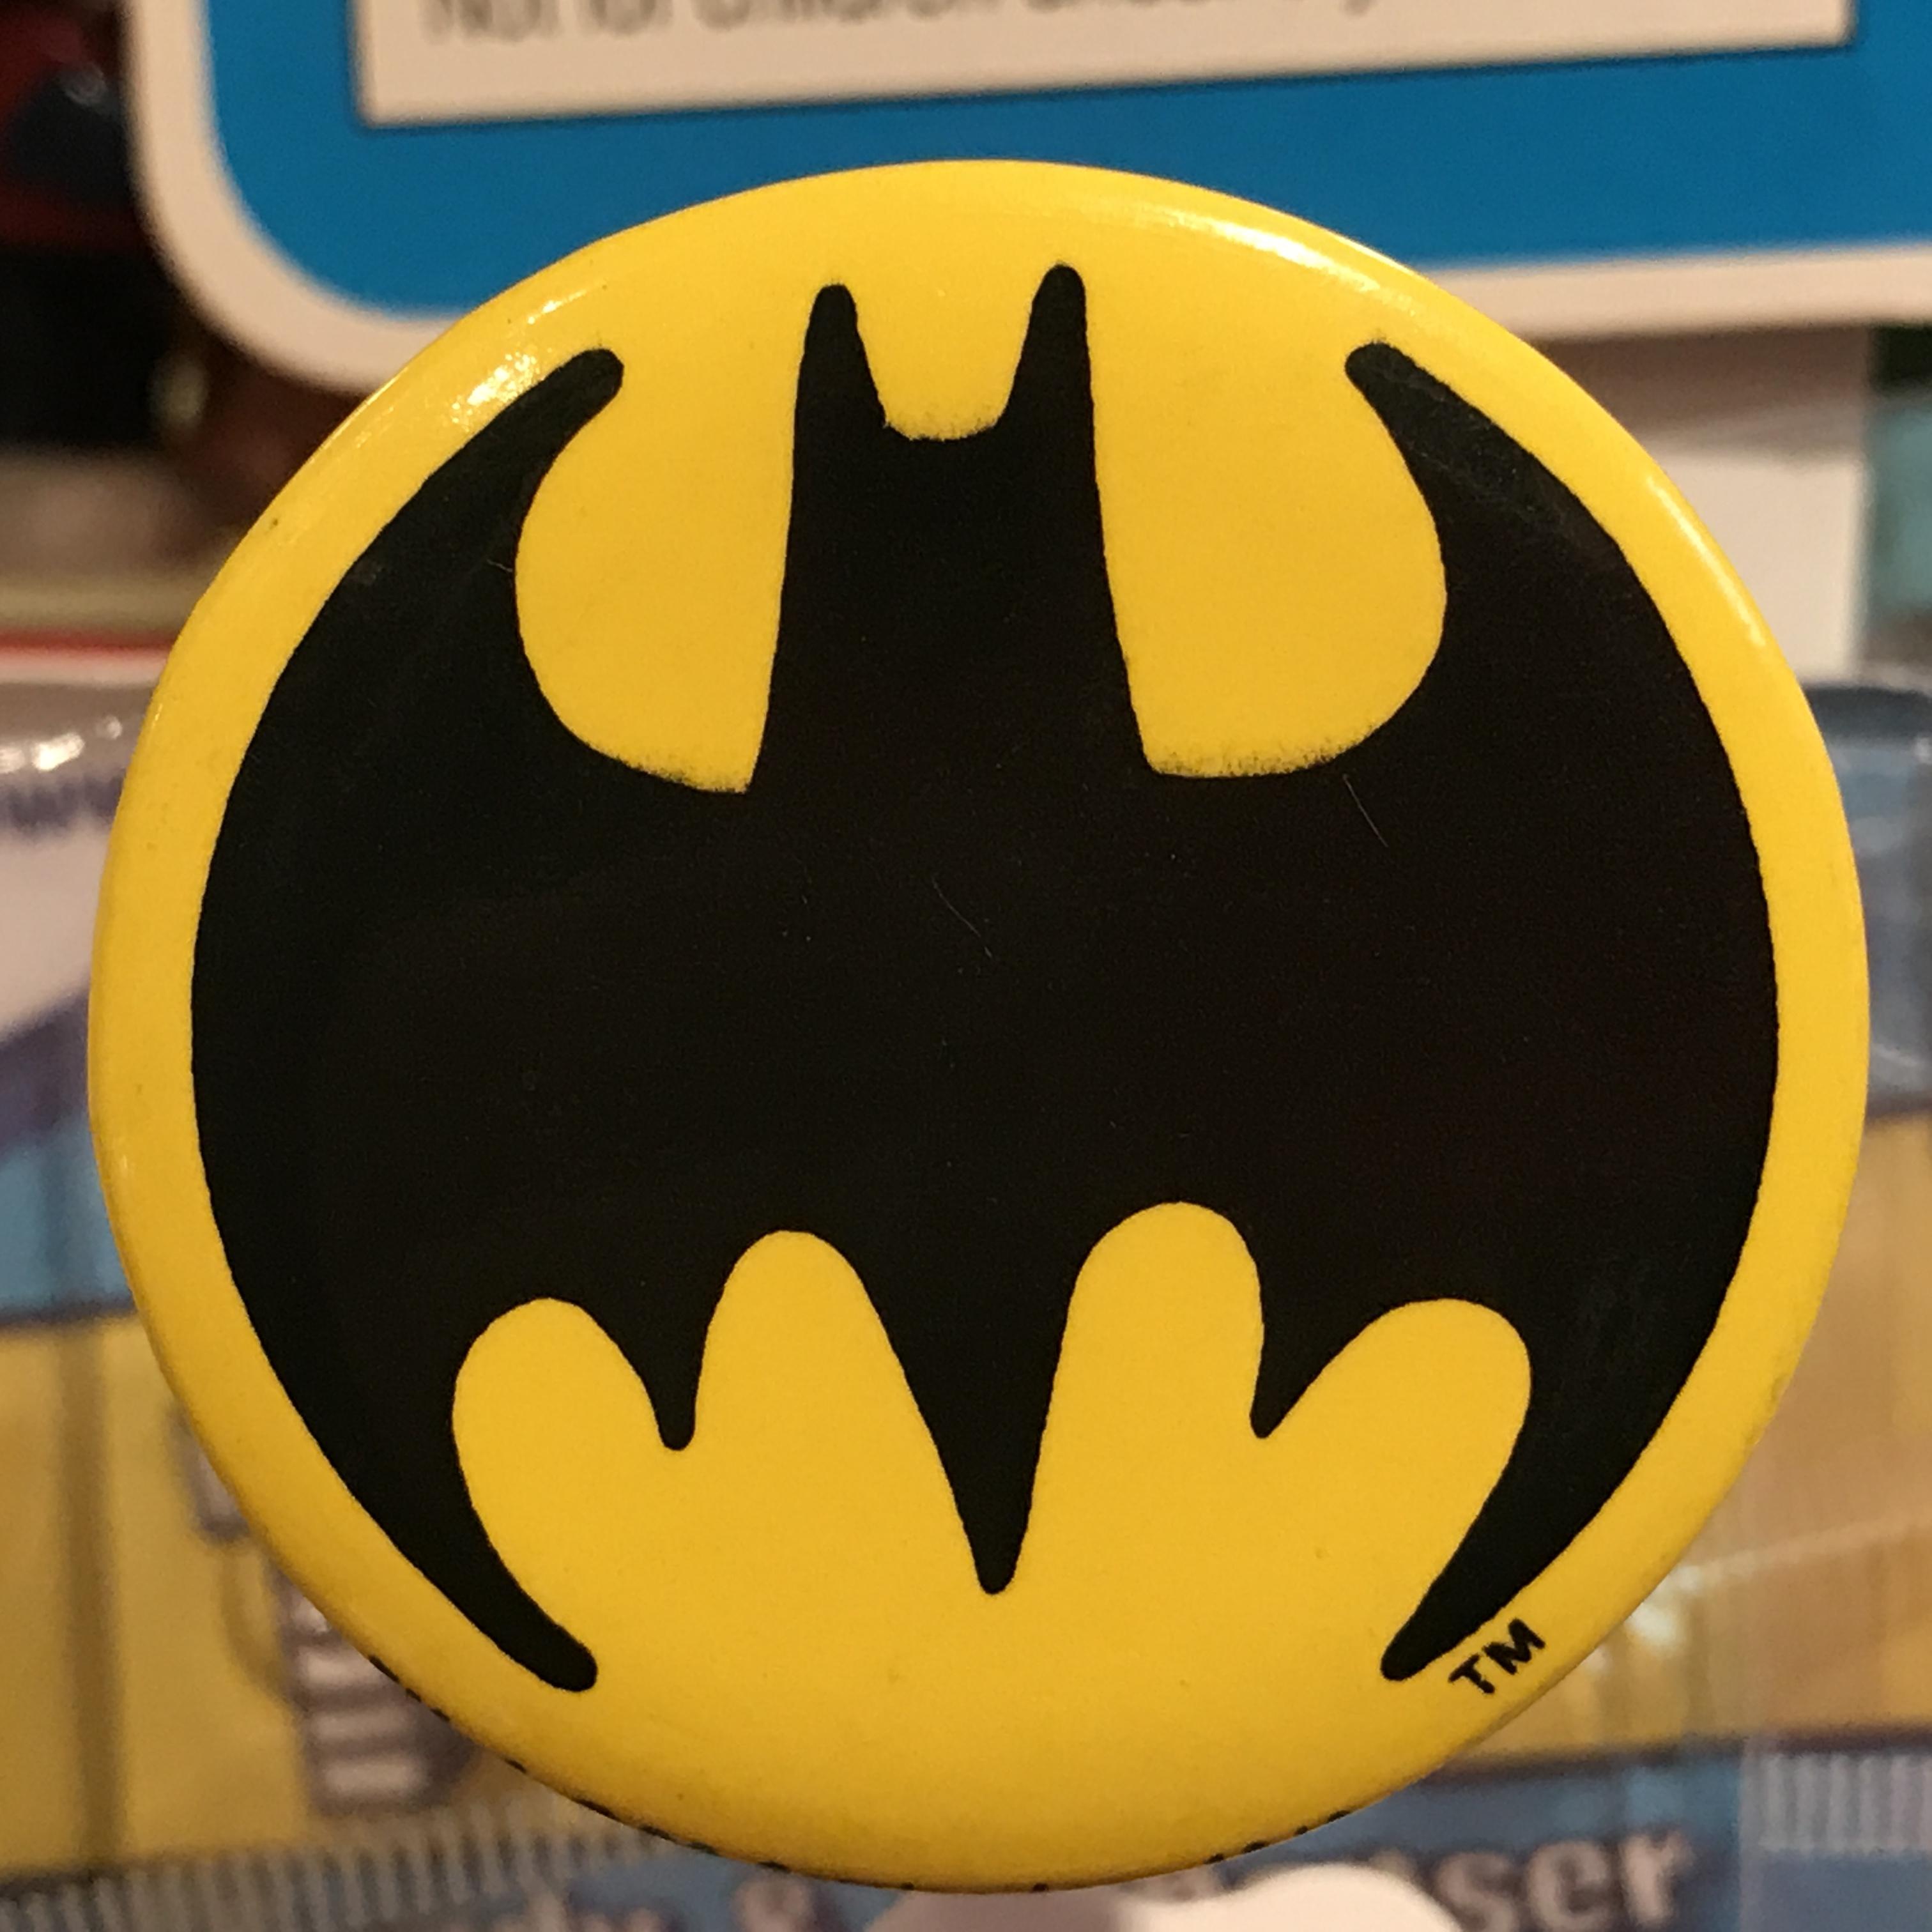 バットマン オールド 缶バッジ ロゴ入りver.